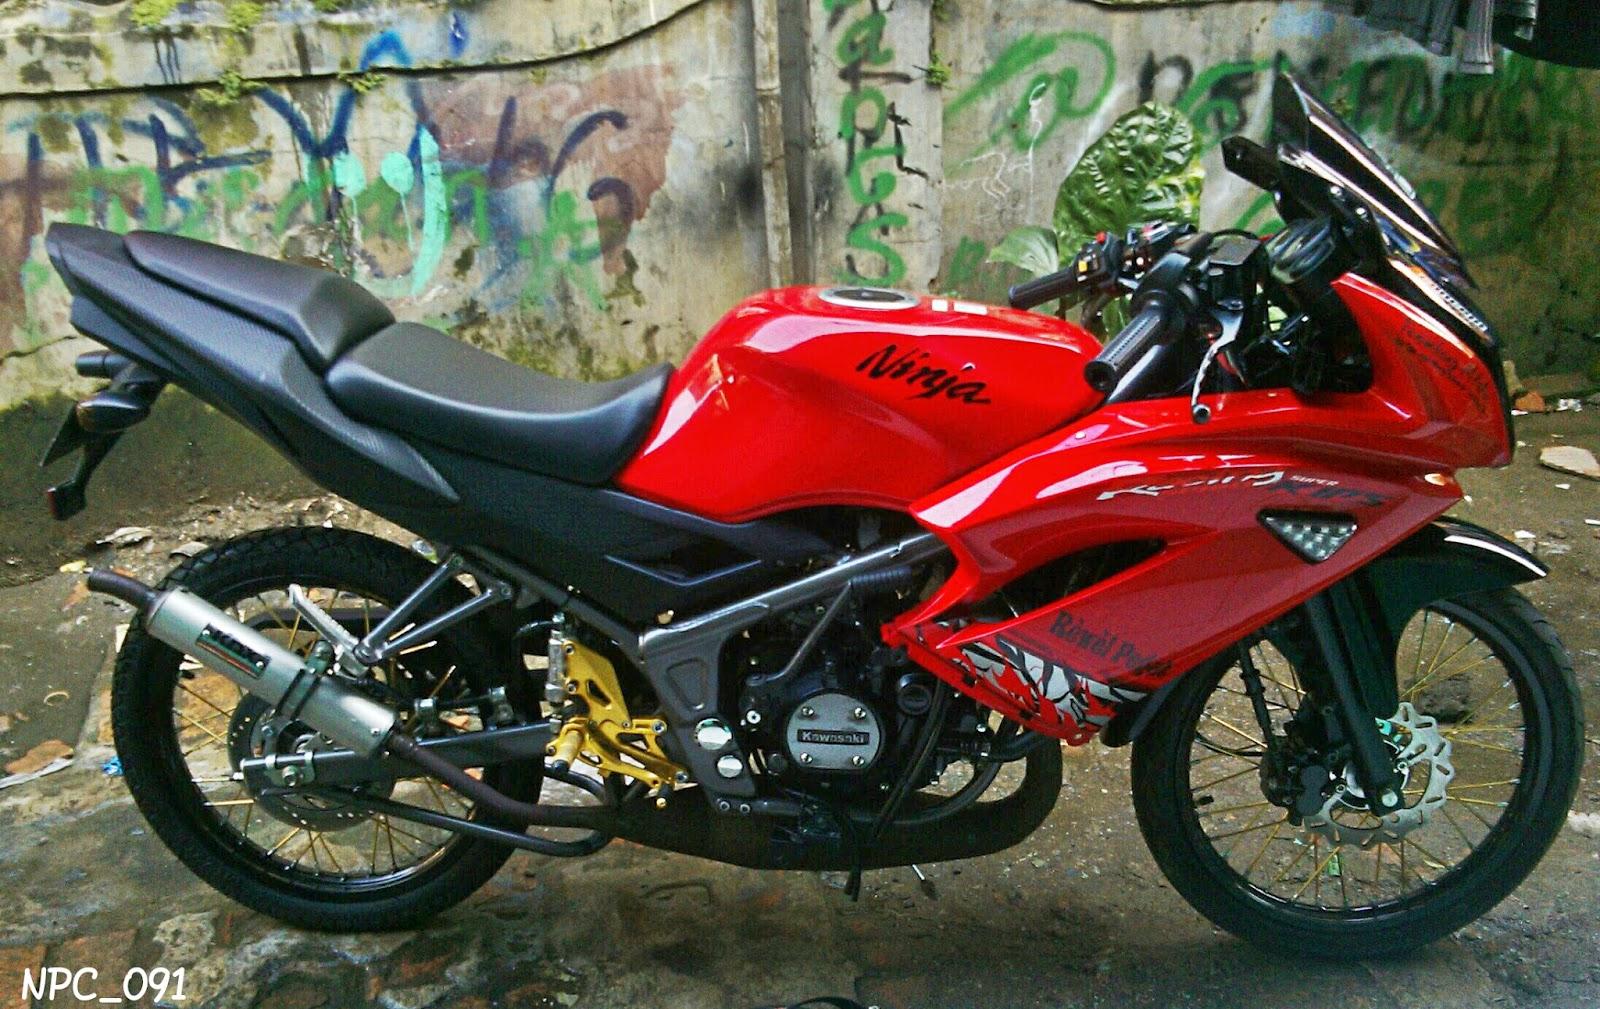 90 Modifikasi Motor Ninja Rr Warna Merah Sobat Modifikasi